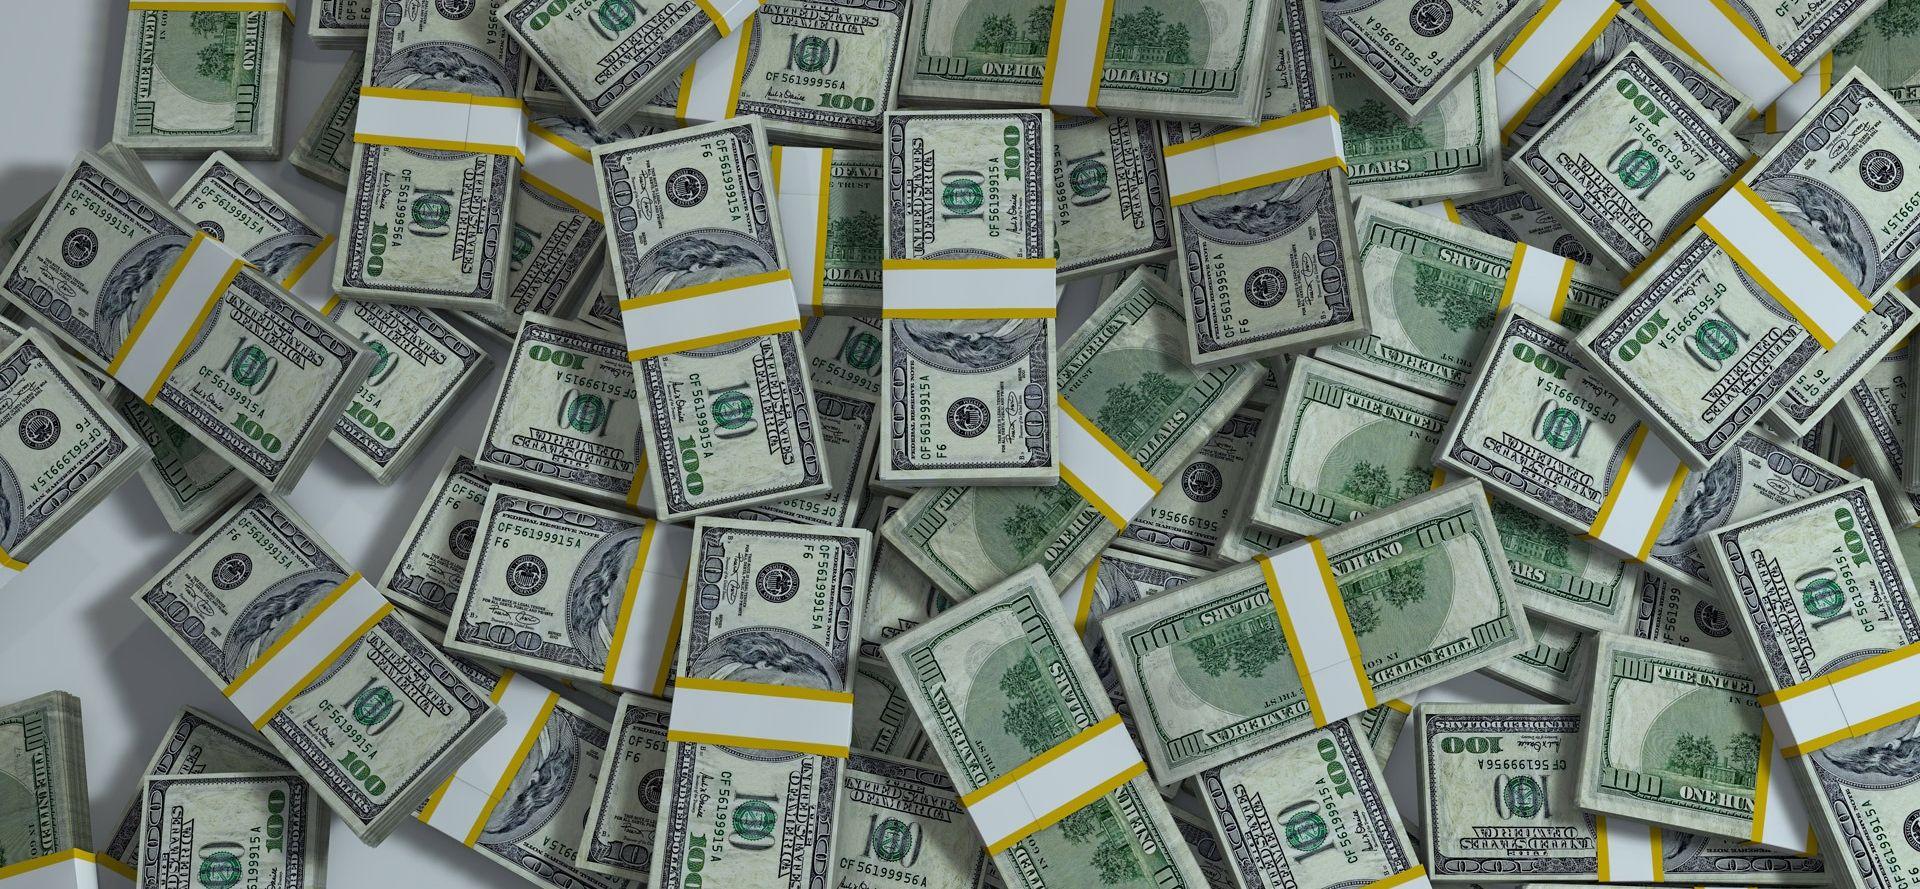 Deutsche banka kažnjena sa 630 milijuna dolara zbog povezanosti s pranjem novca